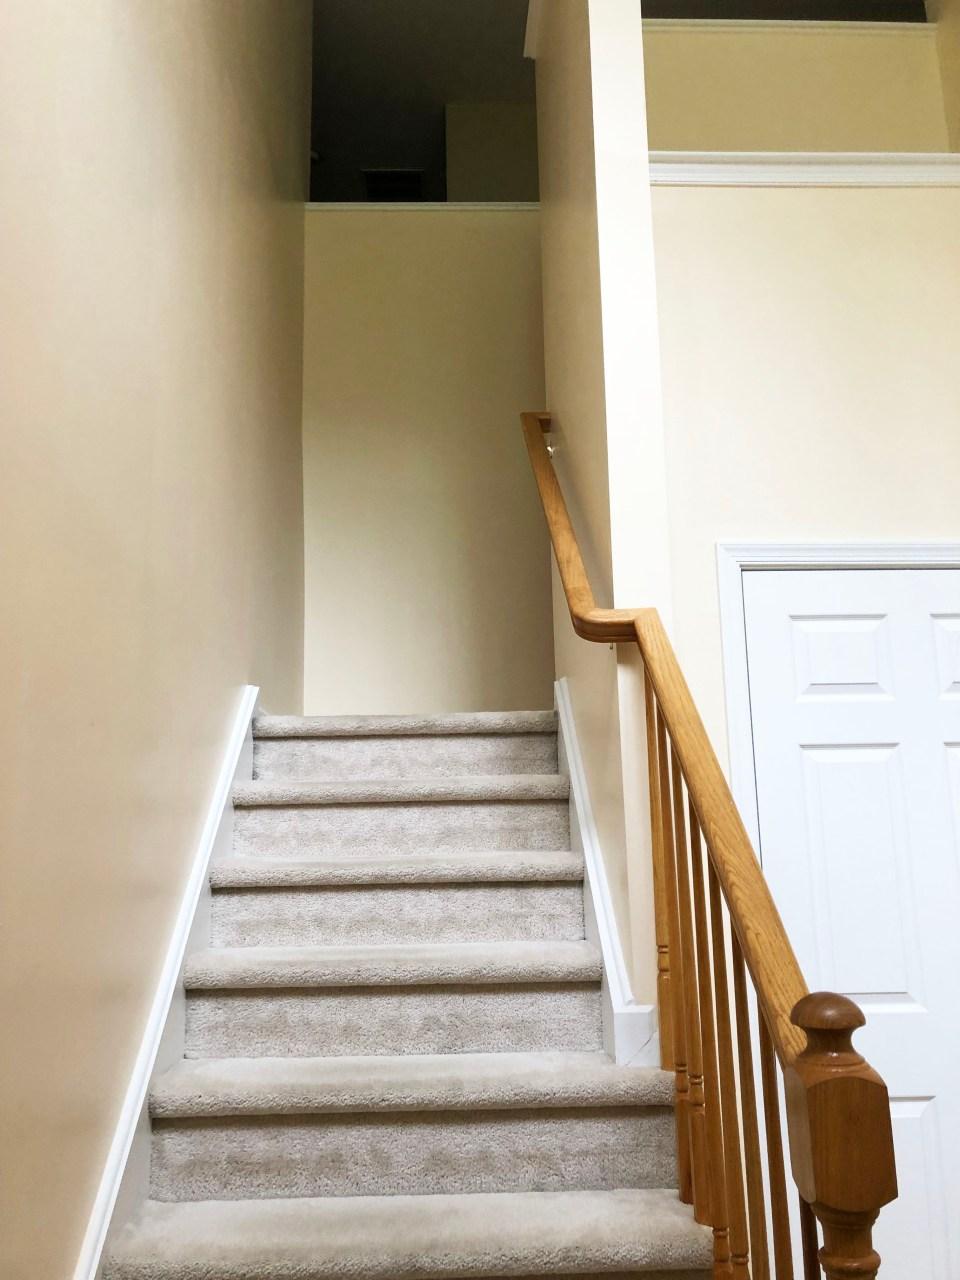 Foyer - Stairs Update 2